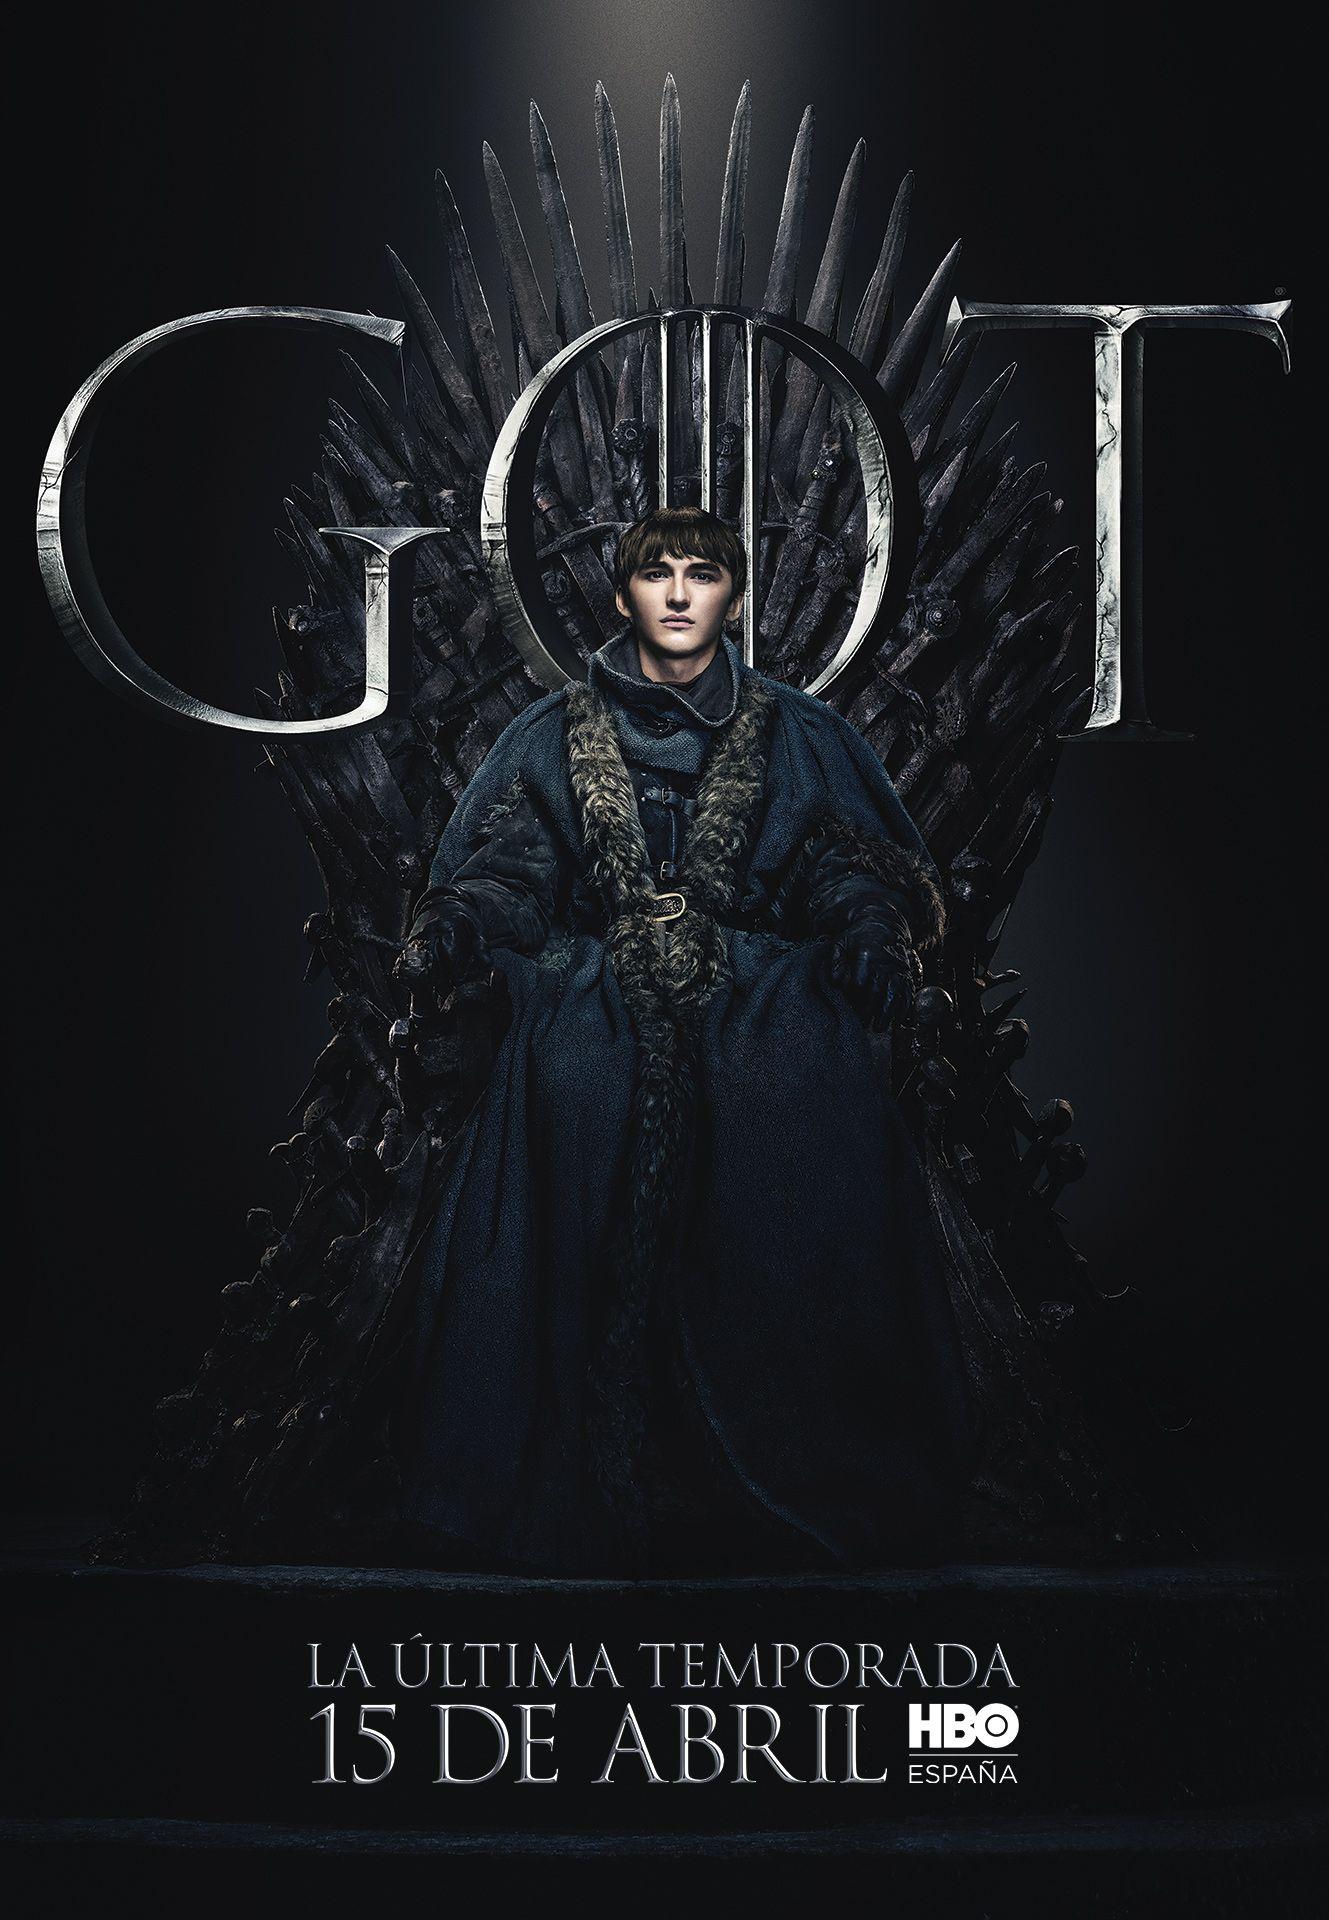 Juego de tronos 8 cartel